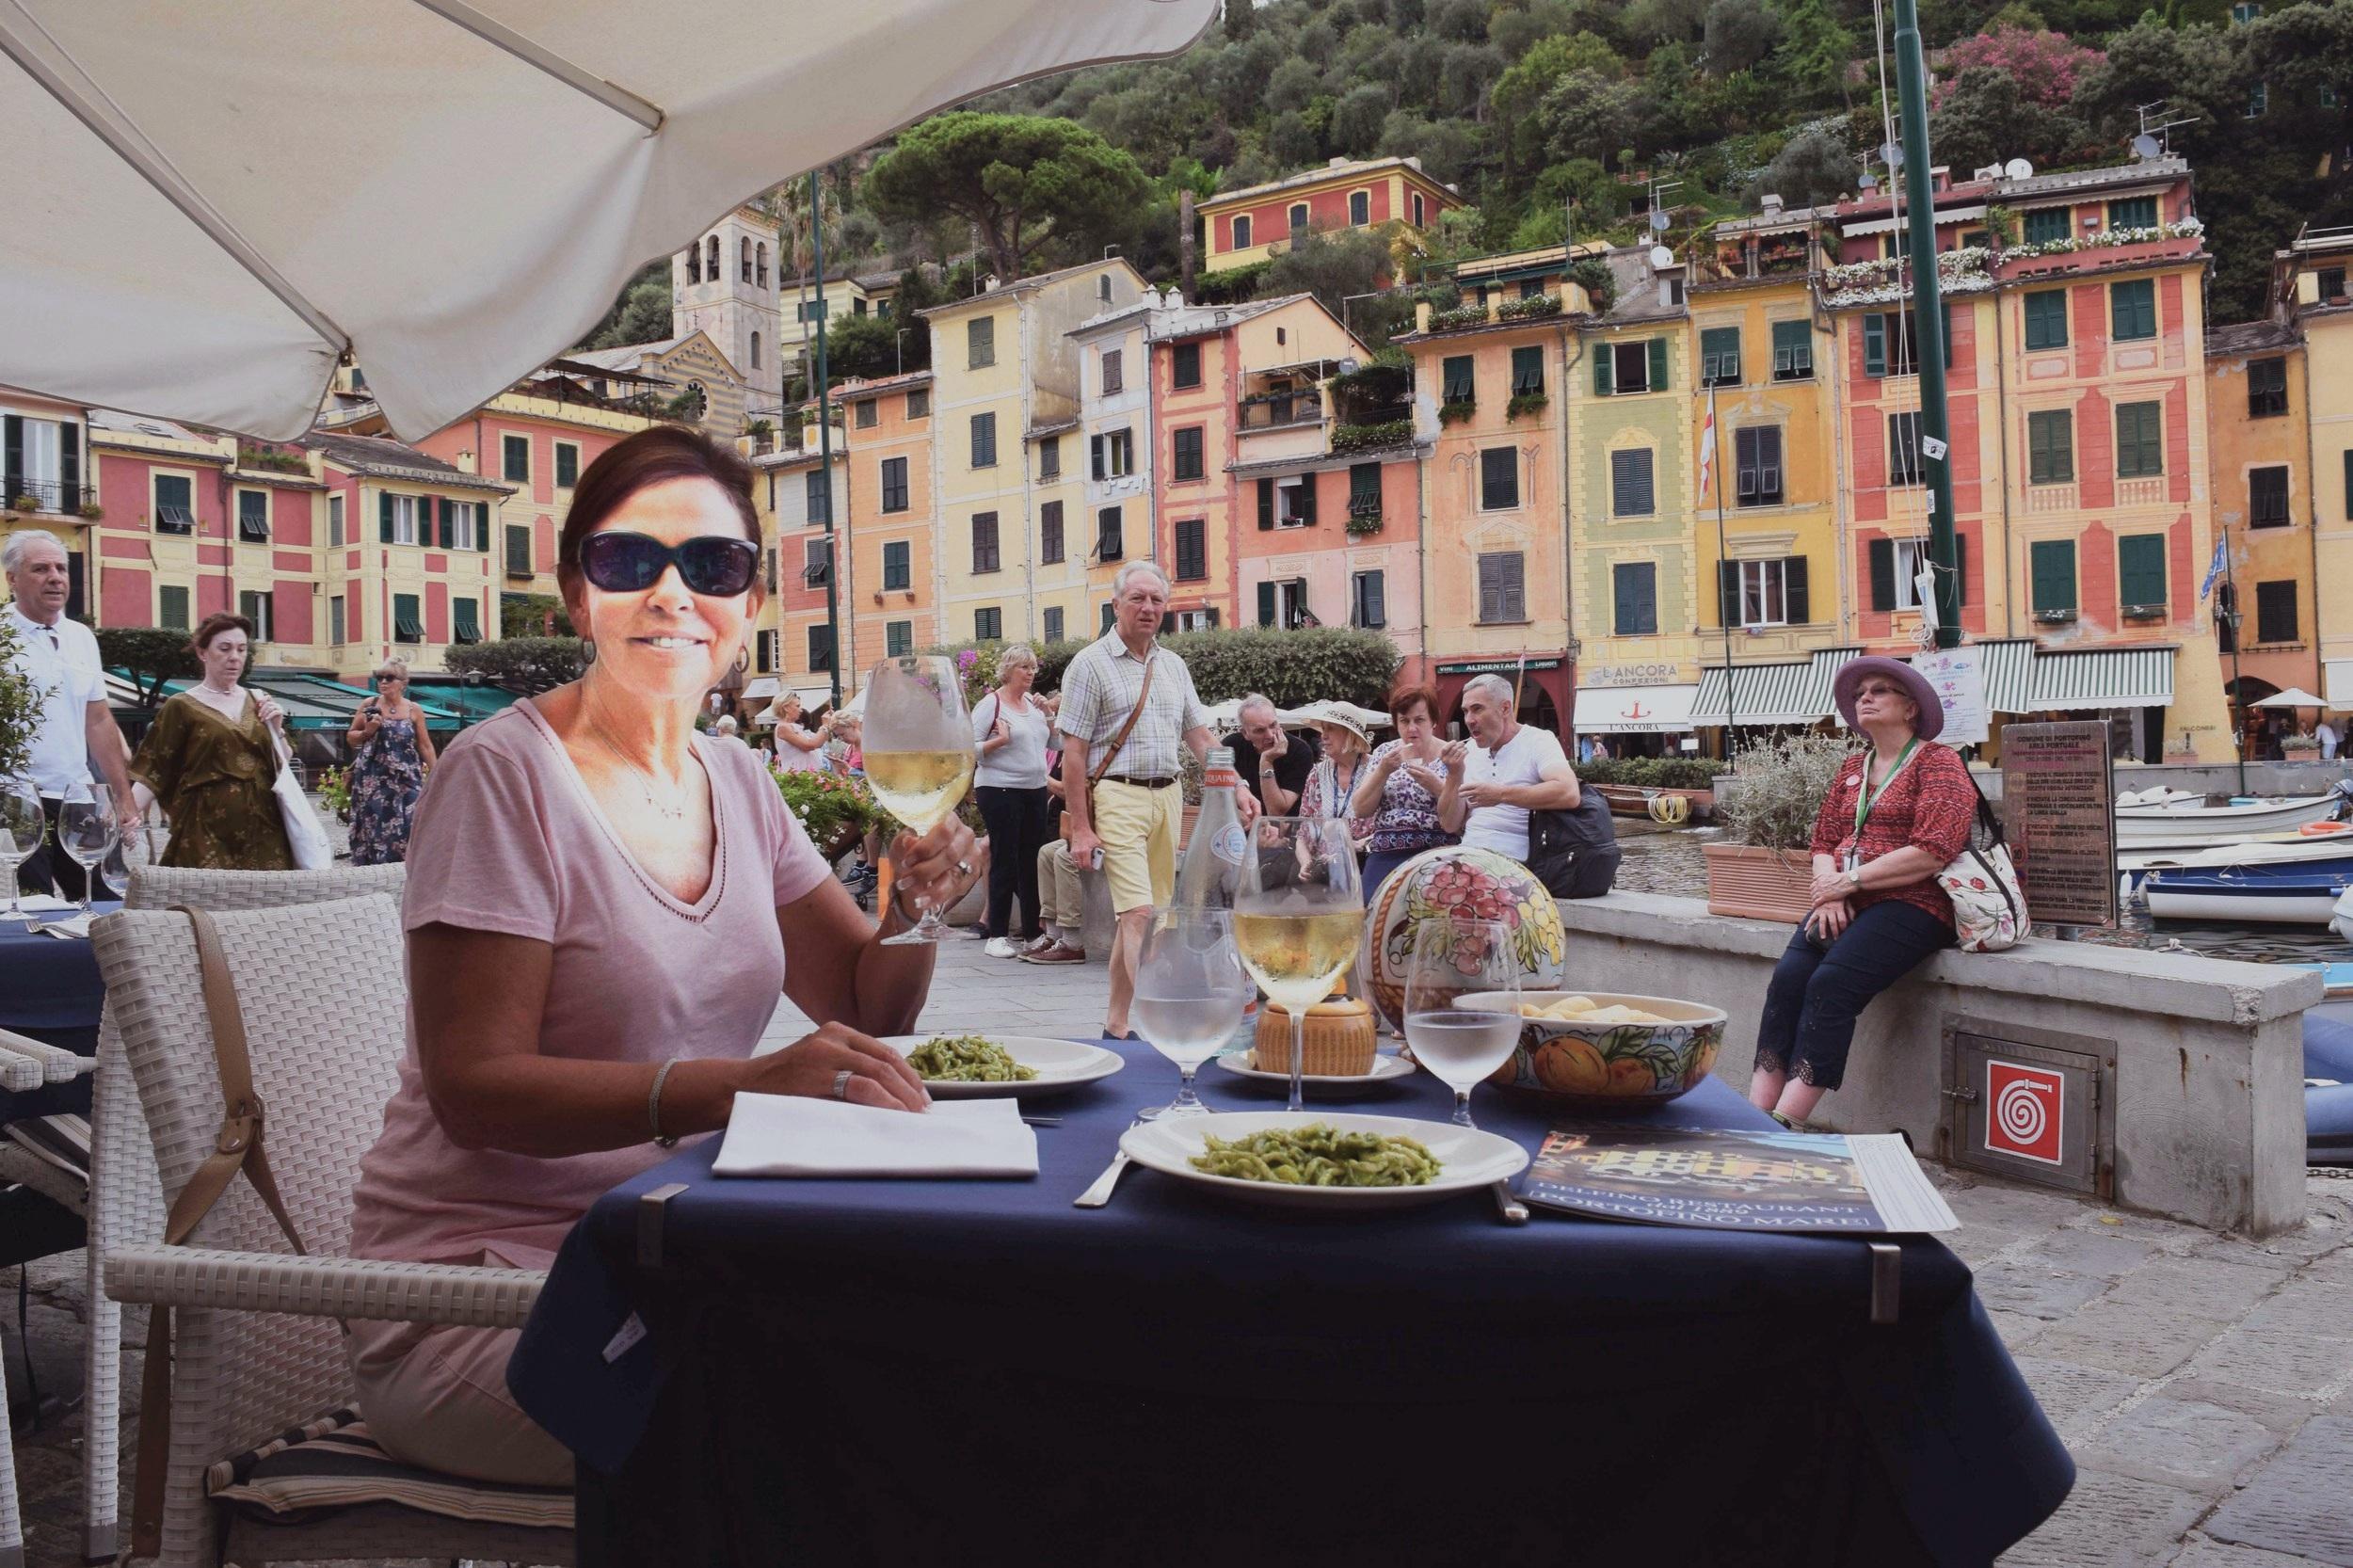 A lunch of trofietta pasta and Vermentino white wine at Delfino Restaurant in Portofino.